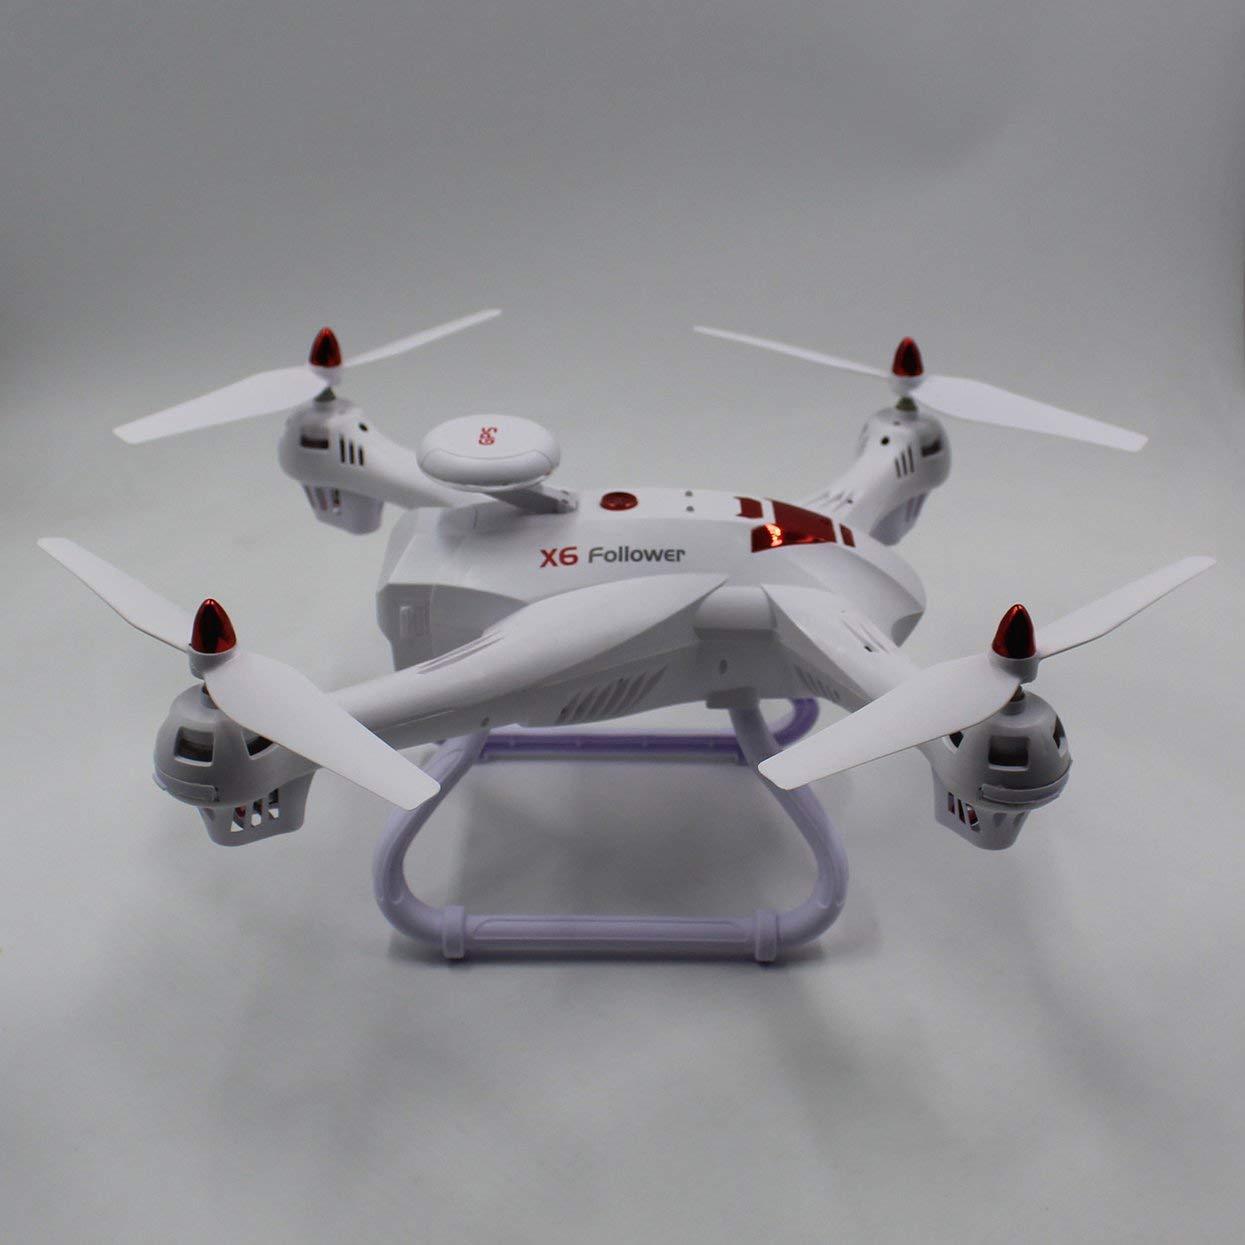 LoveOlvidoIT X183 2.4G RC Drone Drone Drone modalità Headless Altitude Hold One Key Return Mini Quadrocopter Telecomando per i Bambini 8c08f6